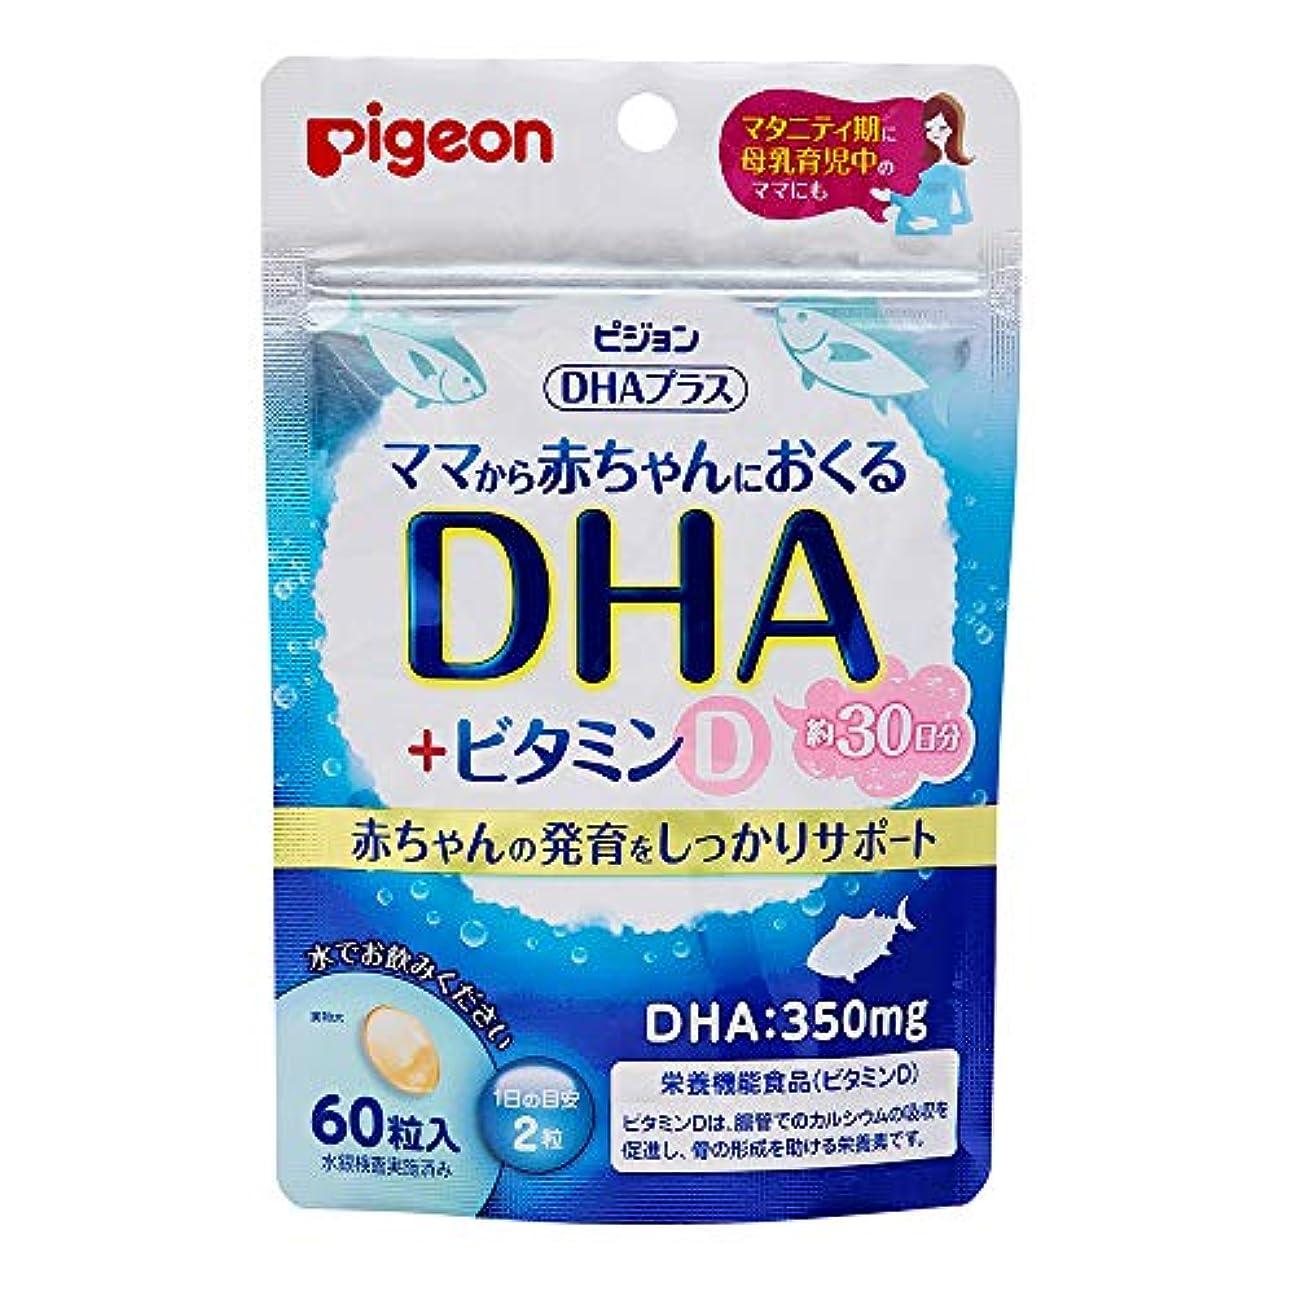 リネン知る岩ピジョン(Pigeon) DHAプラス (DHA + ビタミンD) 【母乳で赤ちゃんへ届ける(マタニティサプリメント ソフトカプセル)】 60粒入